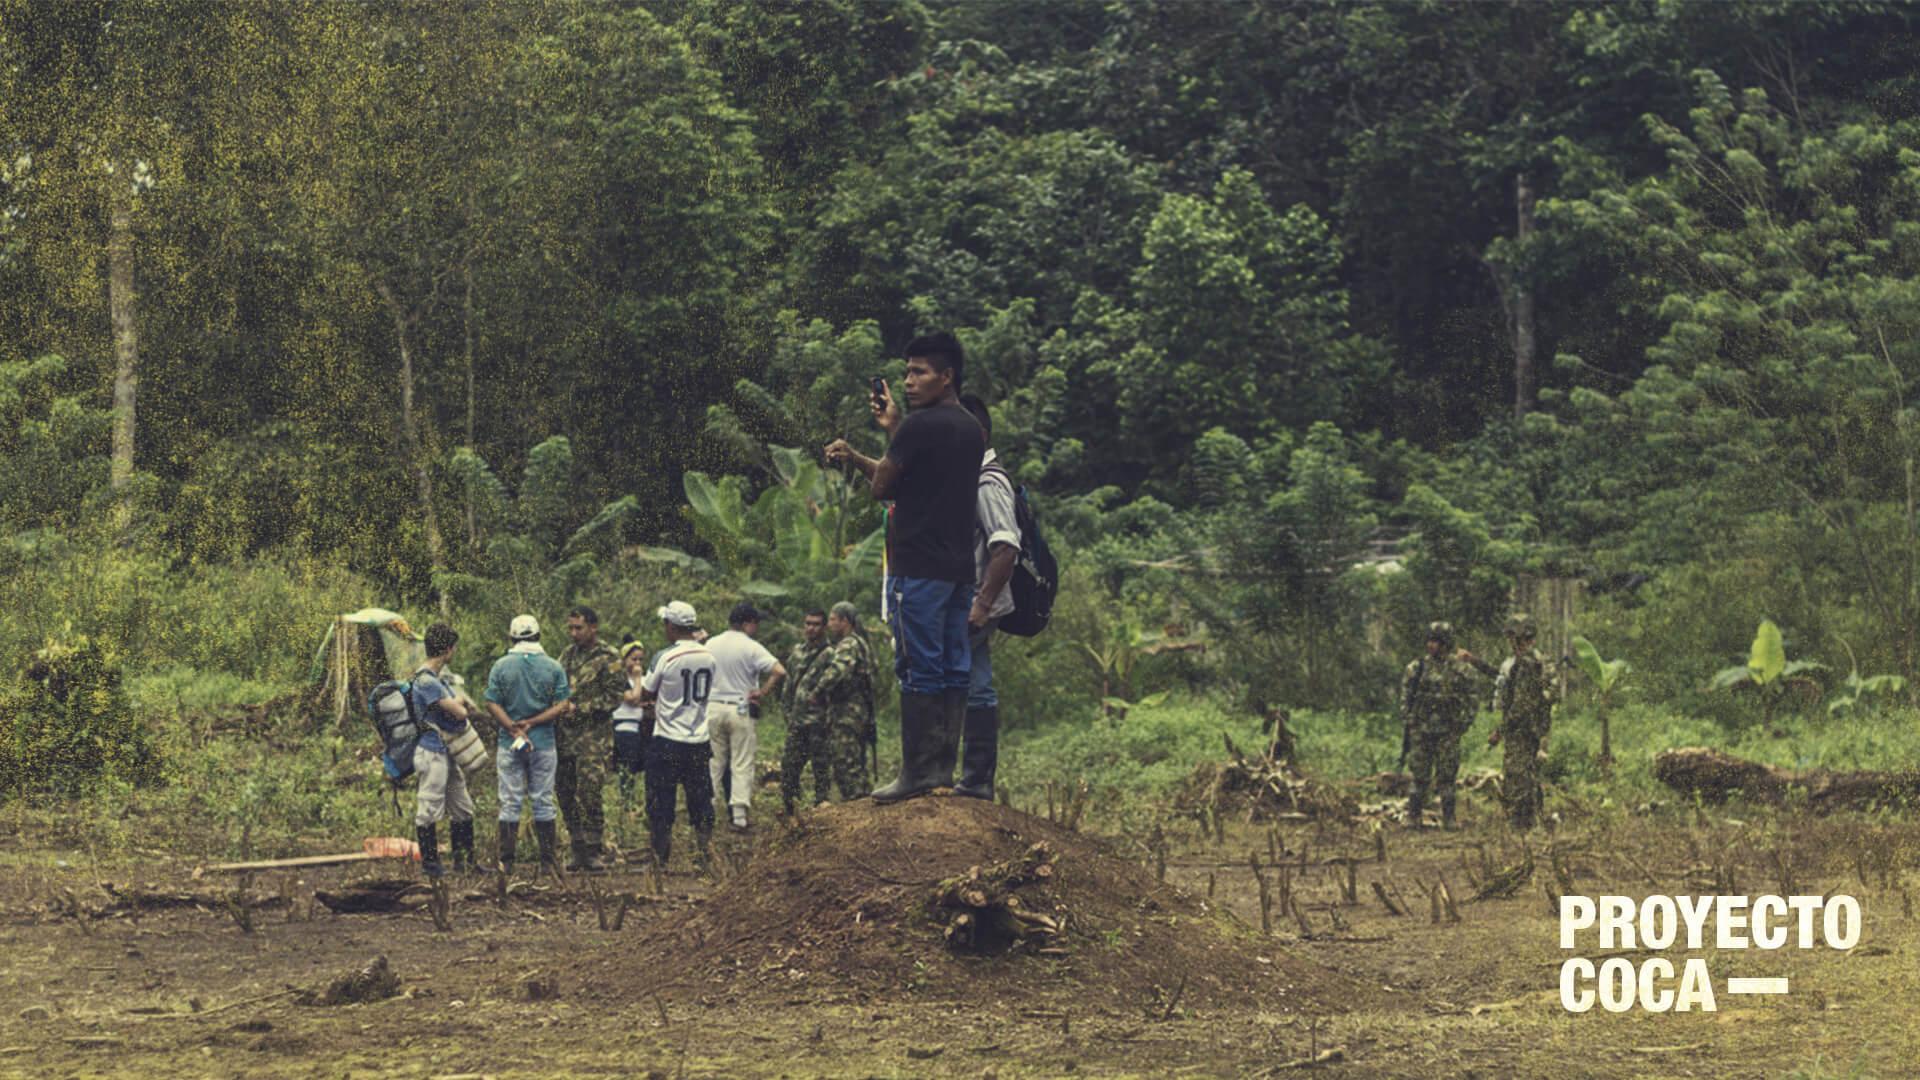 Uno de cada tres asesinatos de líderes sociales ocurre en zonas cocaleras